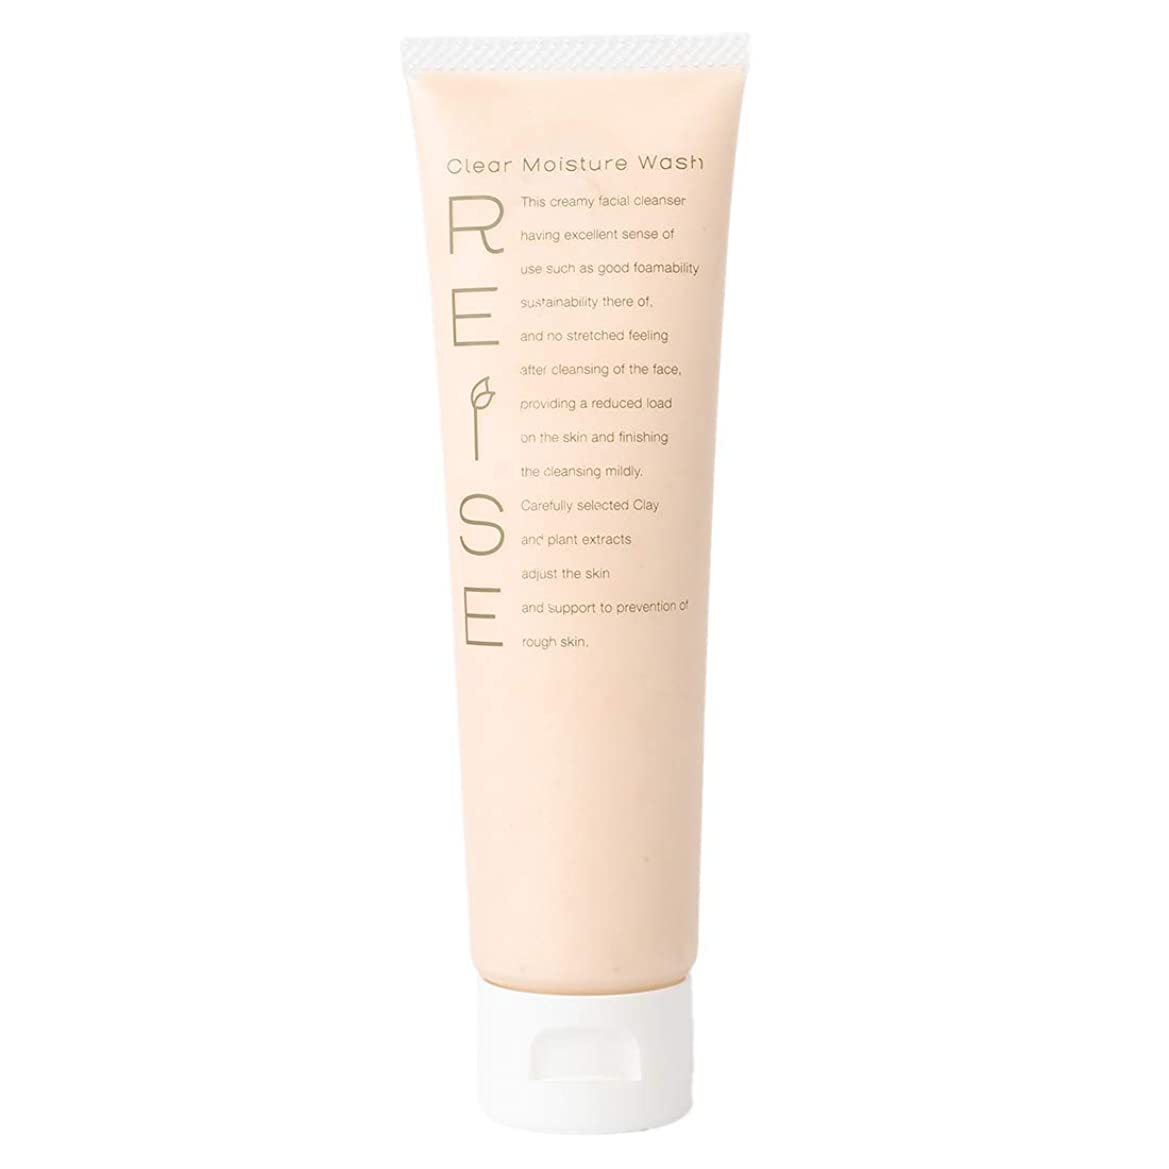 満足できるヒゲ茎ライゼ クリア保湿ウォッシュ105g 発酵卵白の羽泡で潤って洗う 洗顔フォーム